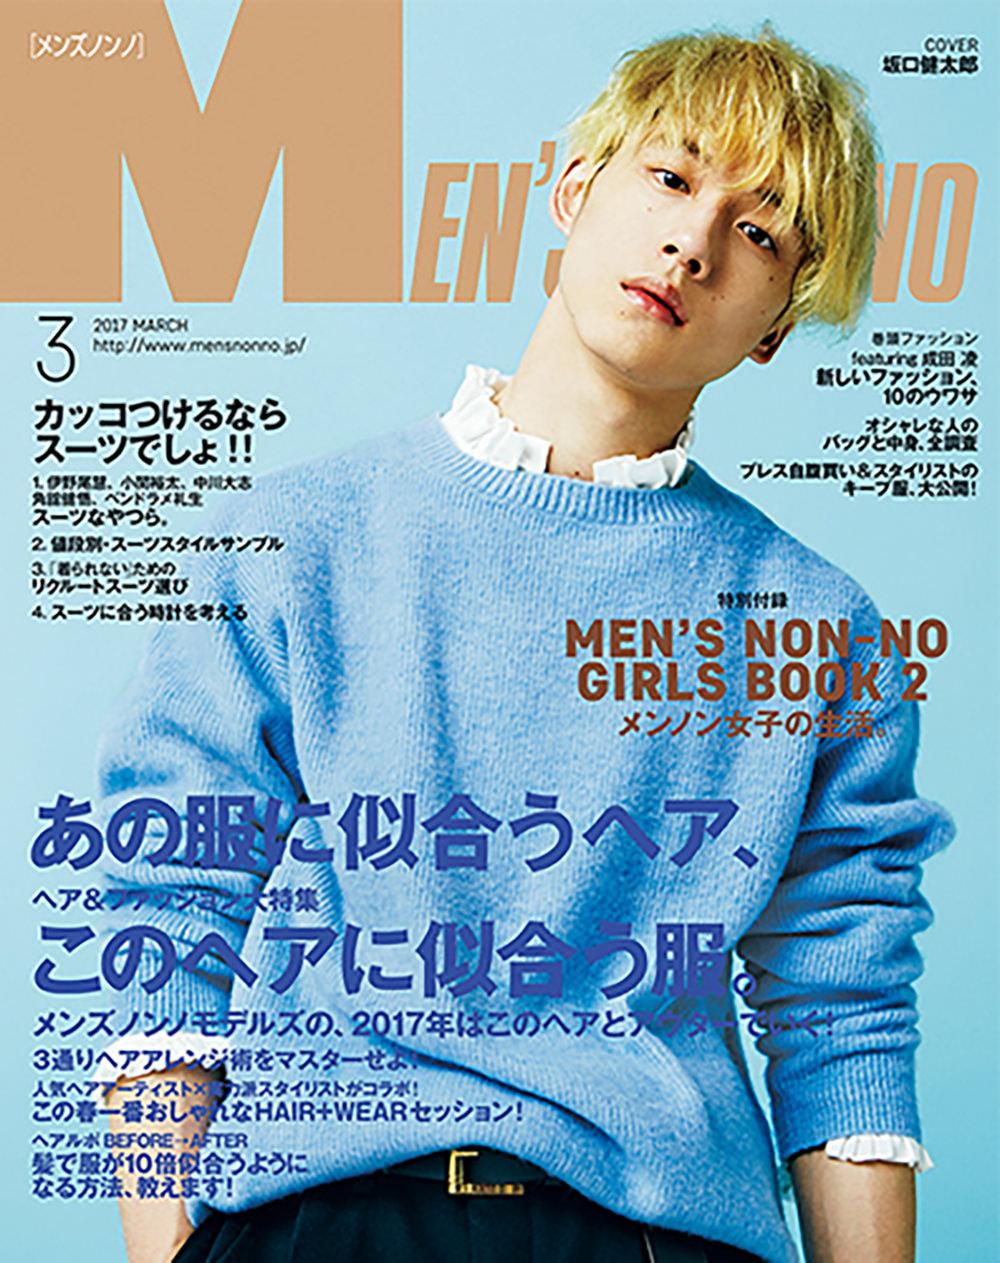 MEN'S NON-NO Mar 2017